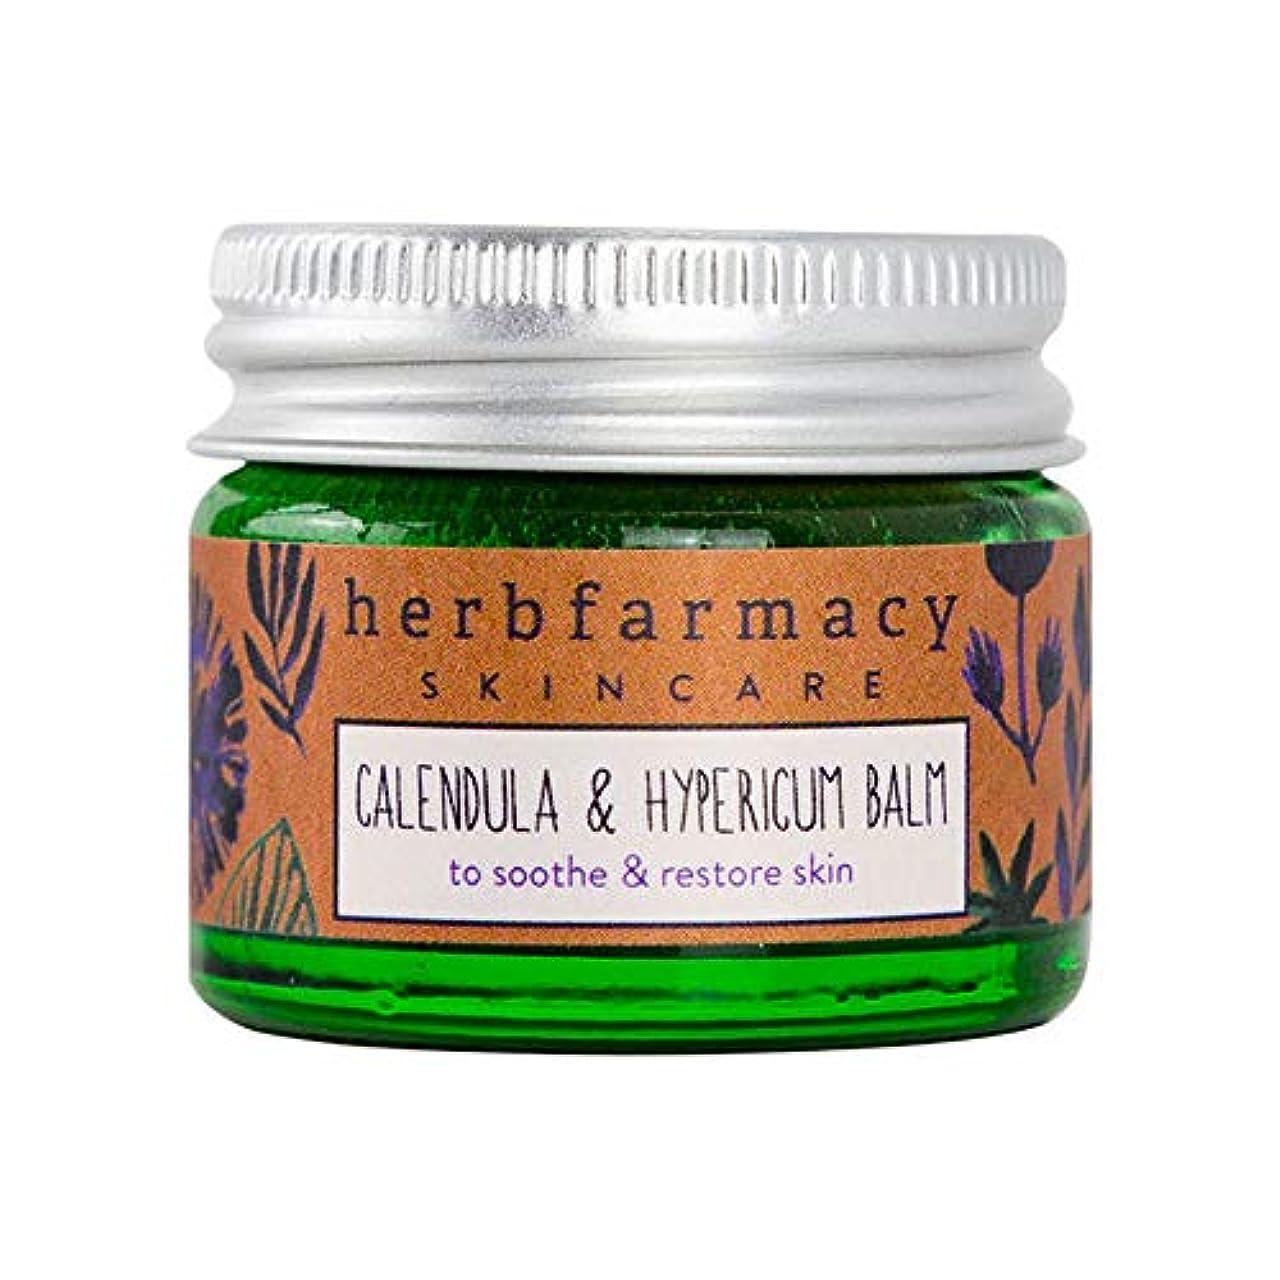 光の文房具運賃ハーブファーマシー (herbfarmacy) カーミング バーム 〈フェイスバーム〉 (20mL)